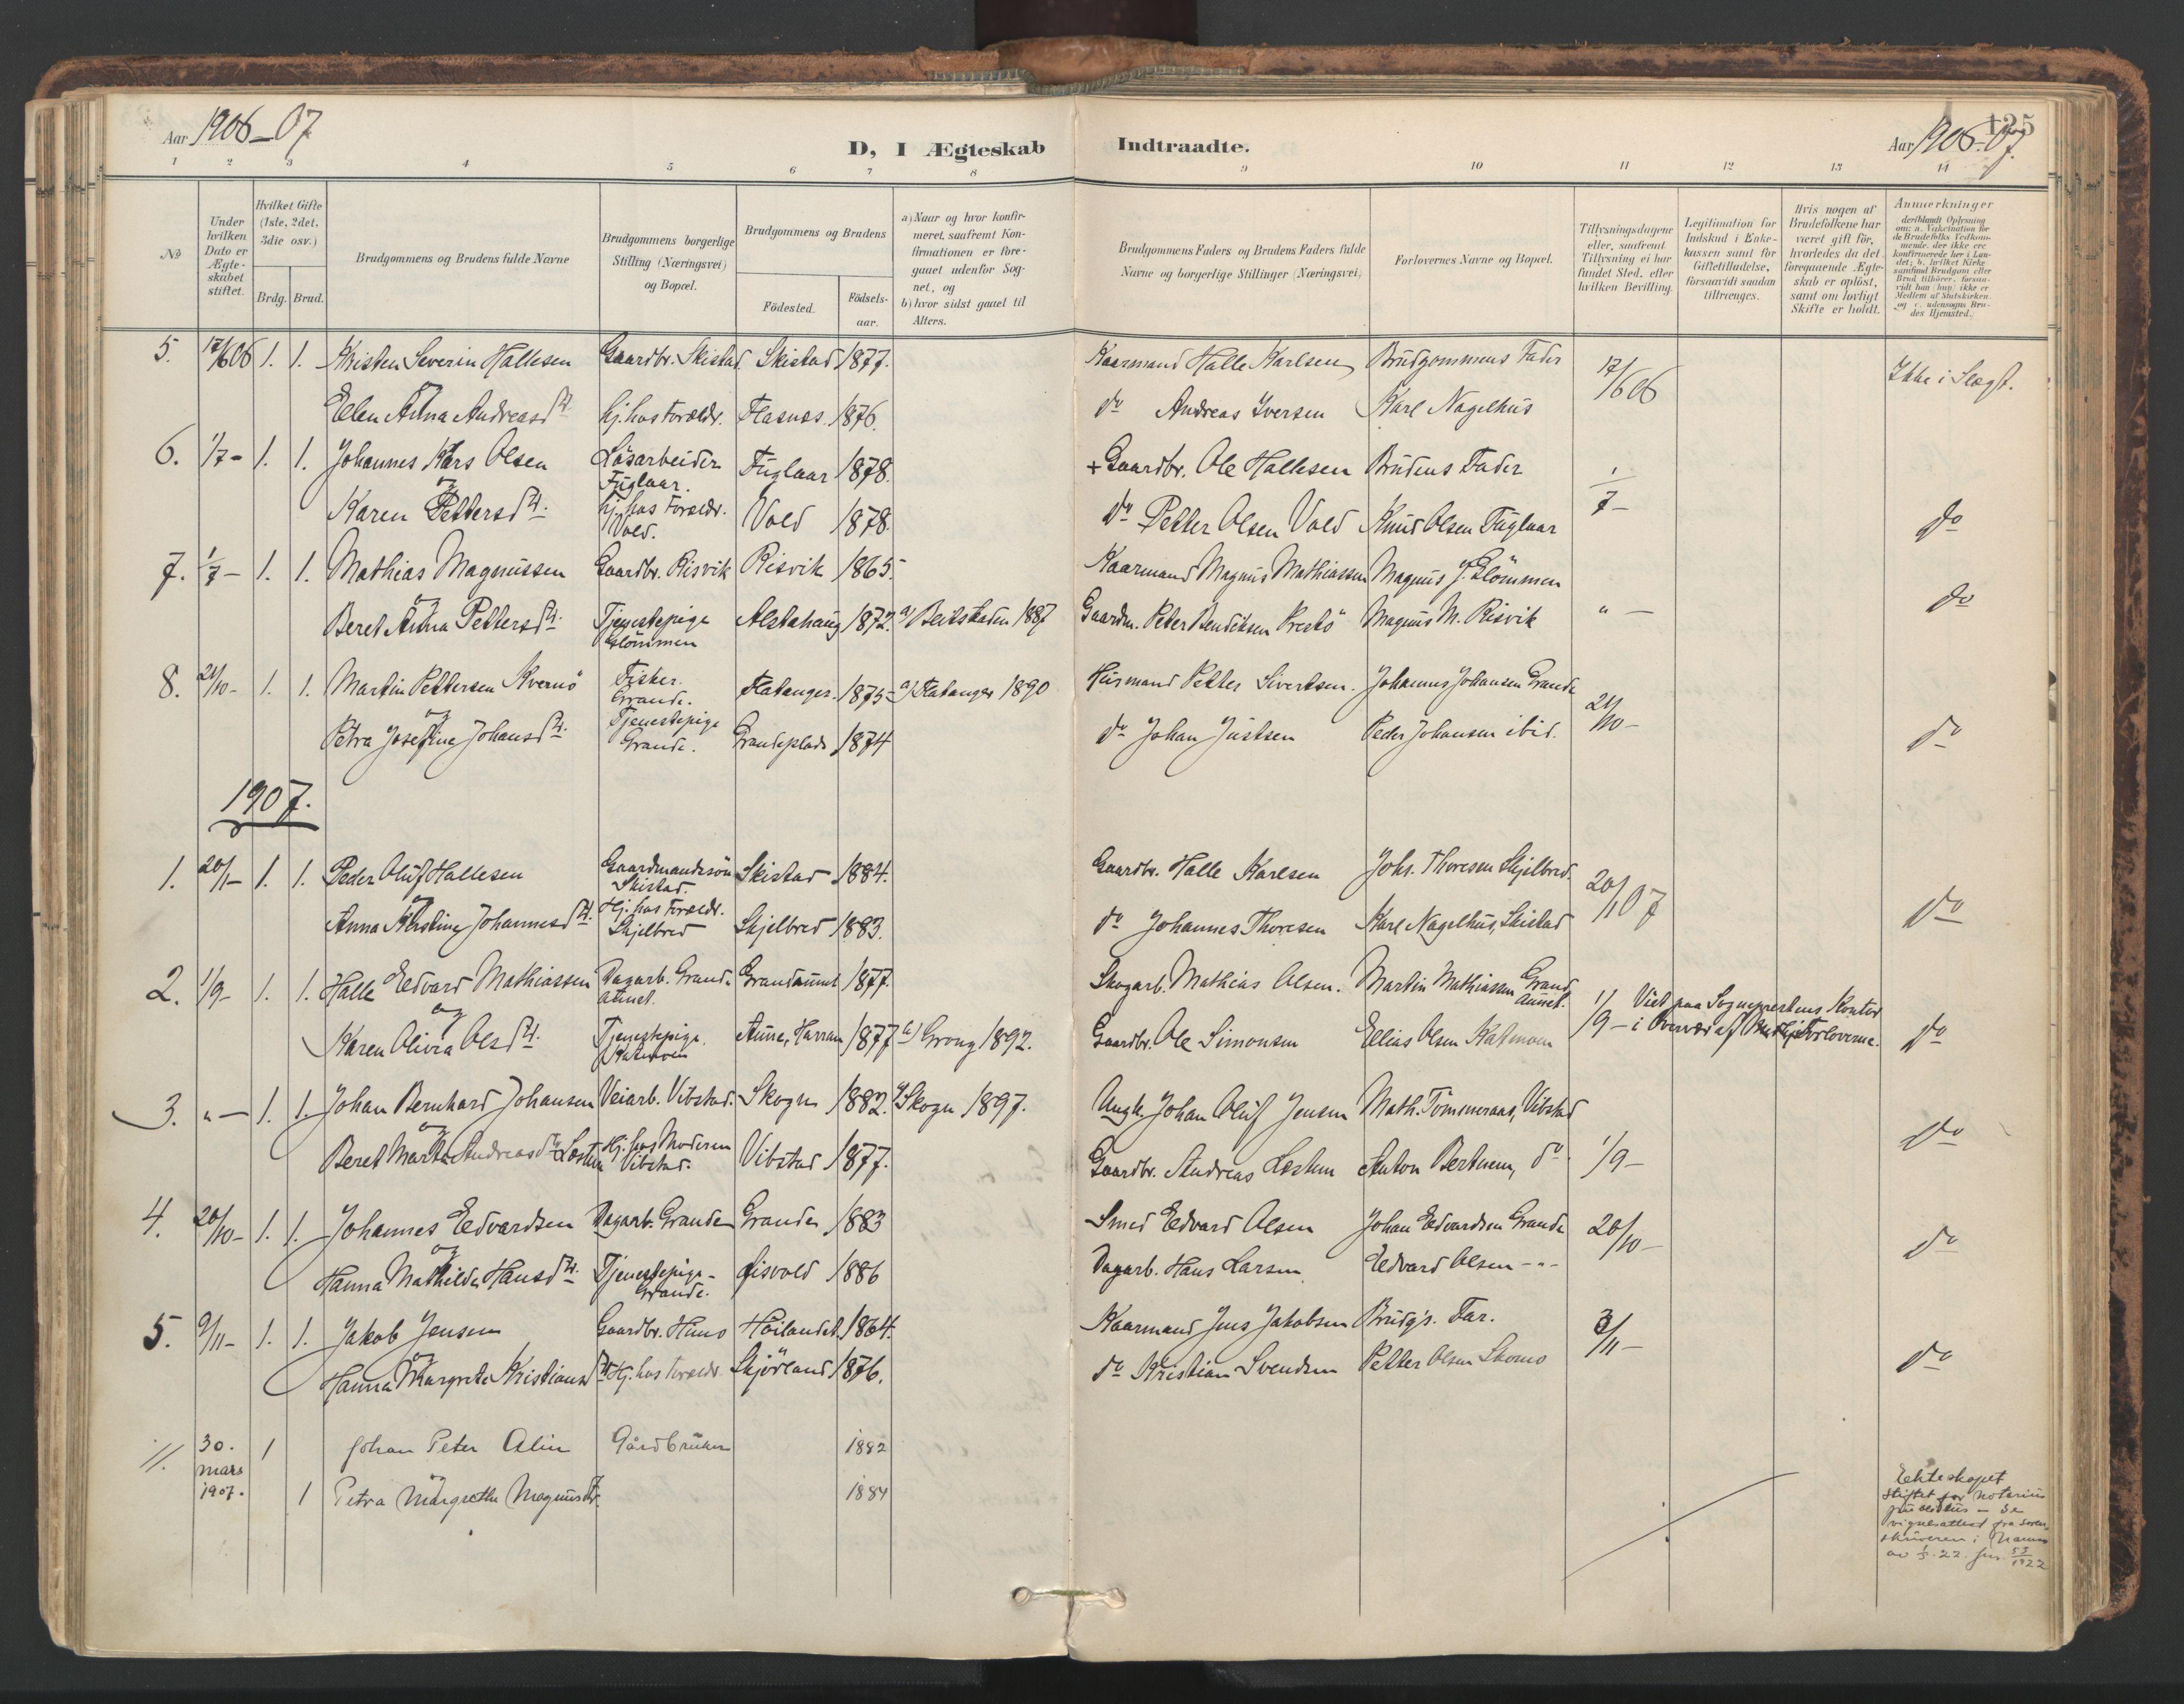 SAT, Ministerialprotokoller, klokkerbøker og fødselsregistre - Nord-Trøndelag, 764/L0556: Ministerialbok nr. 764A11, 1897-1924, s. 125